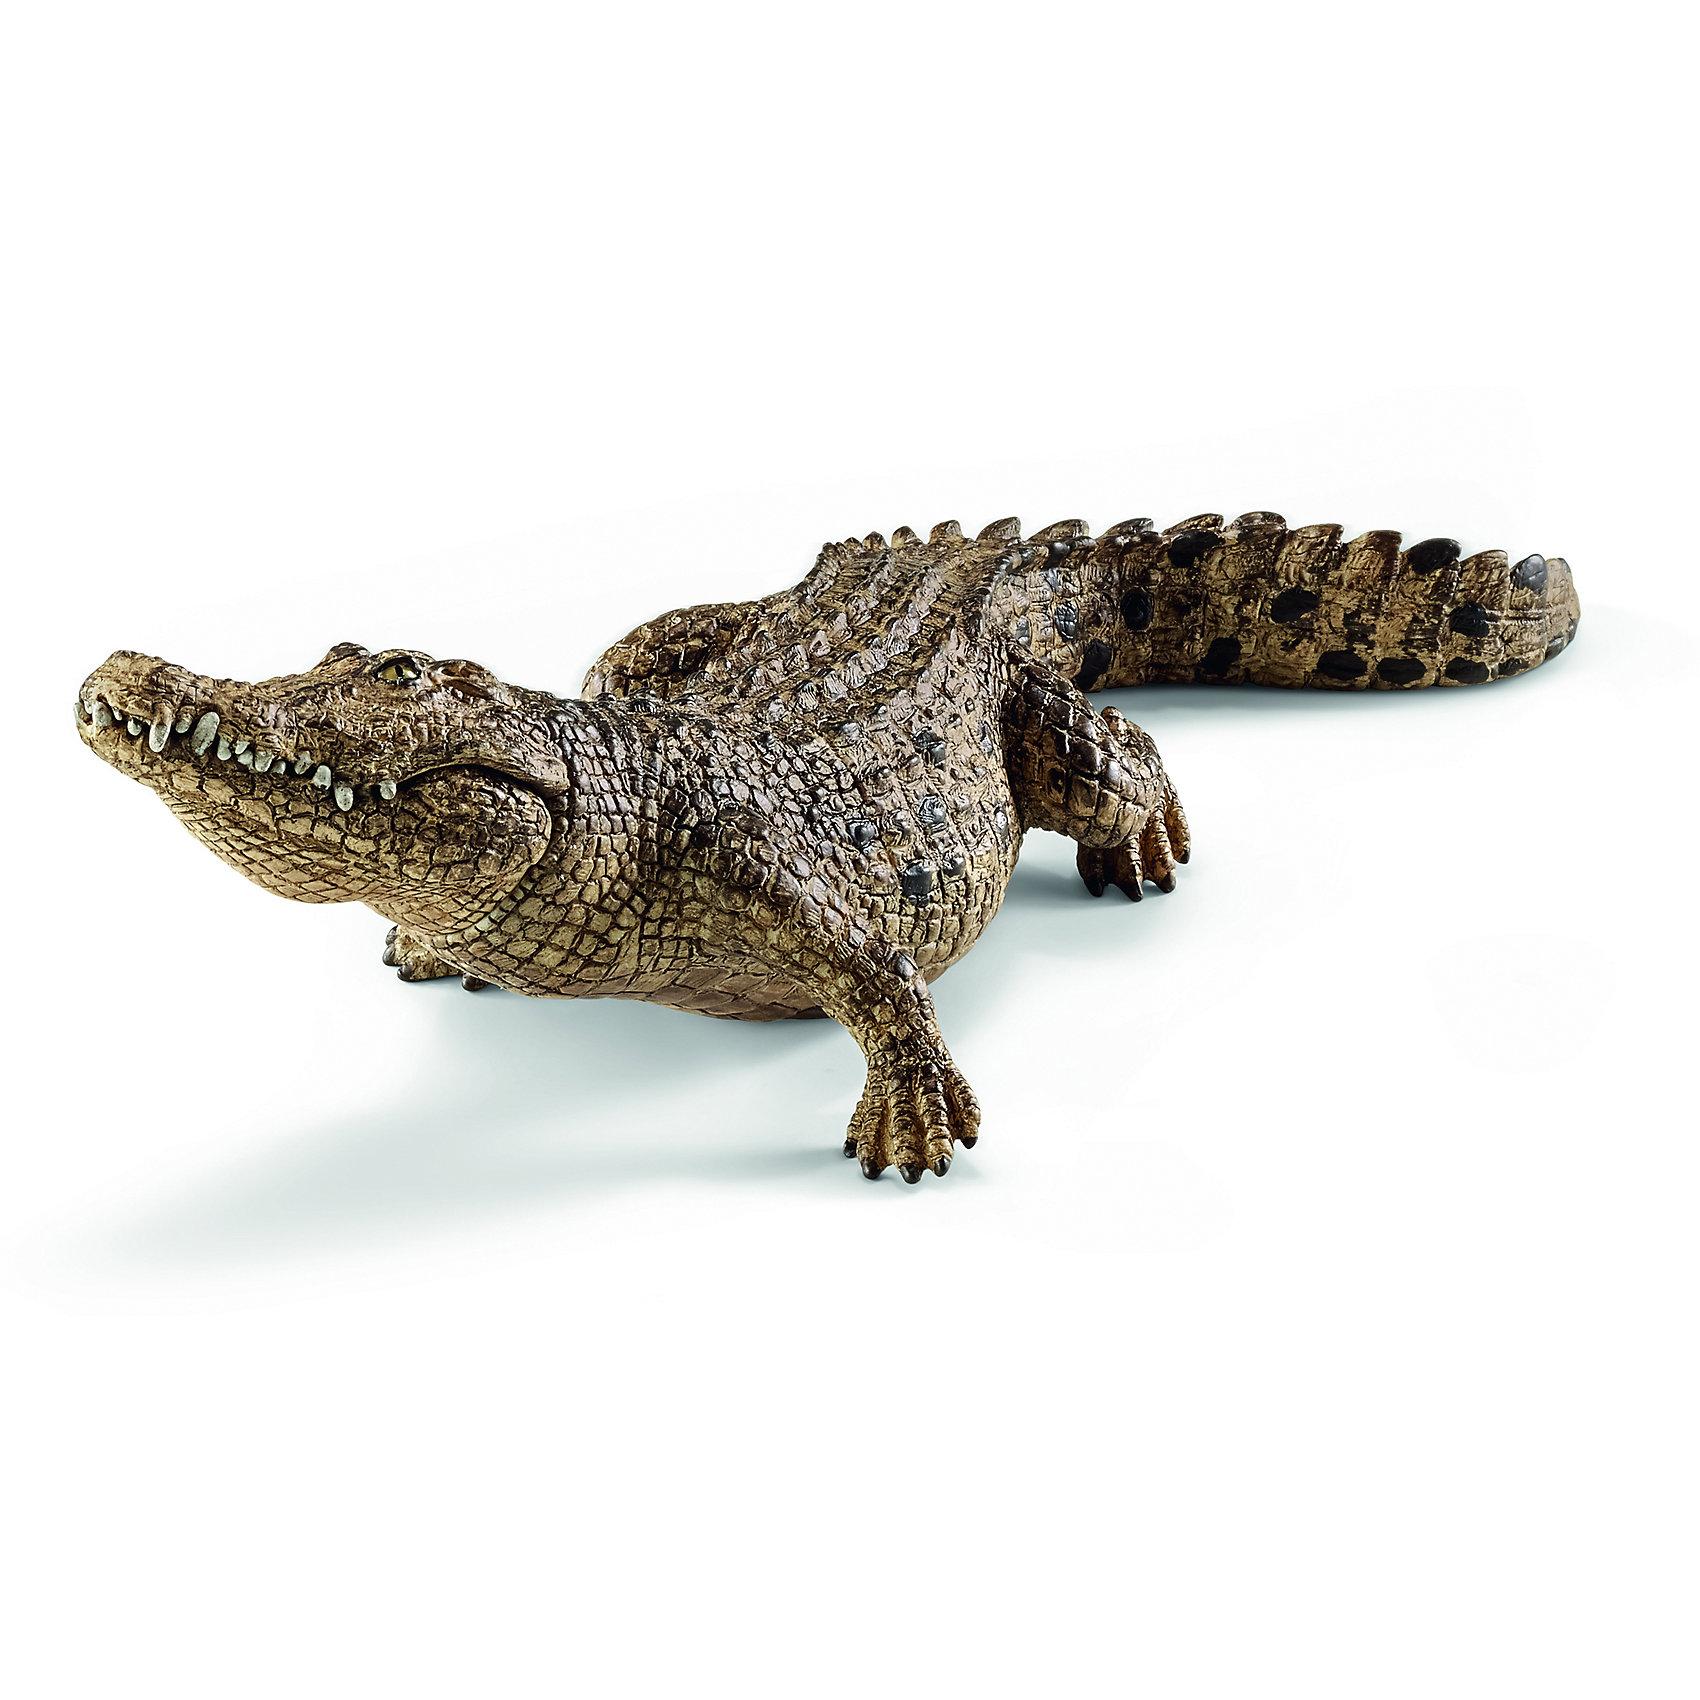 Крокодил, SchleichМир животных<br>Крокодил, Schleich (Шляйх) – это высококачественная коллекционная и игровая фигурка.<br>Фигурка Крокодила прекрасно разнообразит игру вашего ребенка и станет отличным пополнением коллекции его фигурок животных. Морской крокодил самый крупный в мире наземный, или прибрежный хищник. Самцы этого вида могут достигать 7 м длины, при весе до 2000 кг. Этот крокодил может жить в соленой воде, но, как правило, находится в мангровых болотах, дельтах, лагунах и в нижнем течении рек. Крокодил имеет длинный мускулистый хвост, короткие ноги, расположенные по бокам туловища, чешуйчатую кожу, покрытую рядами остеодерм. Глаза крокодила снабжены третьим веком для дополнительной защиты и имеют специальные железы, которые позволяют промывать их слезами, так же выводя избытки соли. Ноздри, уши и глаза расположены в верхней части головы, благодаря чему крокодил может почти полностью погружаться в воду, оставляя их на поверхности. Фигурка крокодила выполнена в бежево-зеленом цвете. Челюсть крокодила подвижна, что делает фигурку интересной для игры и максимально реалистичной. <br>Прекрасно выполненные фигурки Schleich (Шляйх) являются максимально точной копией настоящих животных и отличаются высочайшим качеством игрушек ручной работы. Каждая фигурка разработана с учетом исследований в области педагогики и производится как настоящее произведение для маленьких детских ручек. Все фигурки Schleich (Шляйх) сделаны из гипоаллергенных высокотехнологичных материалов, раскрашены вручную и не вызывают аллергии у ребенка.<br><br>Дополнительная информация:<br><br>- Размер фигурки: 6,9 x 5,1 x 18 см.<br>- Материал: высококачественный каучуковый пластик<br><br>Фигурку Крокодила, Schleich (Шляйх) можно купить в нашем интернет-магазине.<br><br>Ширина мм: 176<br>Глубина мм: 71<br>Высота мм: 50<br>Вес г: 107<br>Возраст от месяцев: 36<br>Возраст до месяцев: 96<br>Пол: Унисекс<br>Возраст: Детский<br>SKU: 3902543